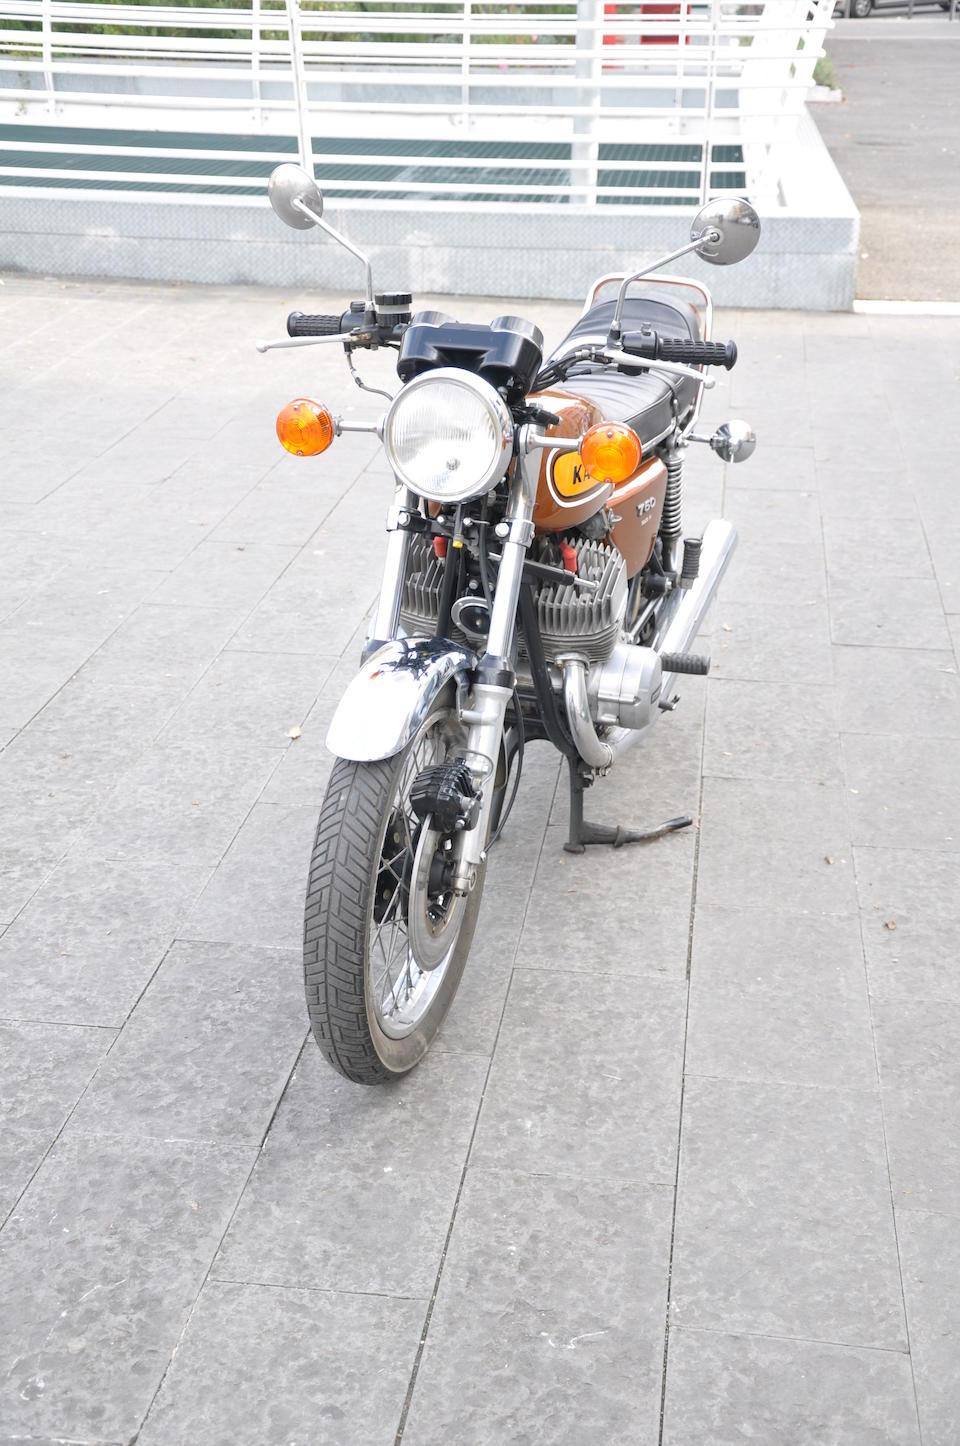 Kawasaki H2 748 cm3 1975  Frame no. H2F 33998 Engine no. H2E 34267